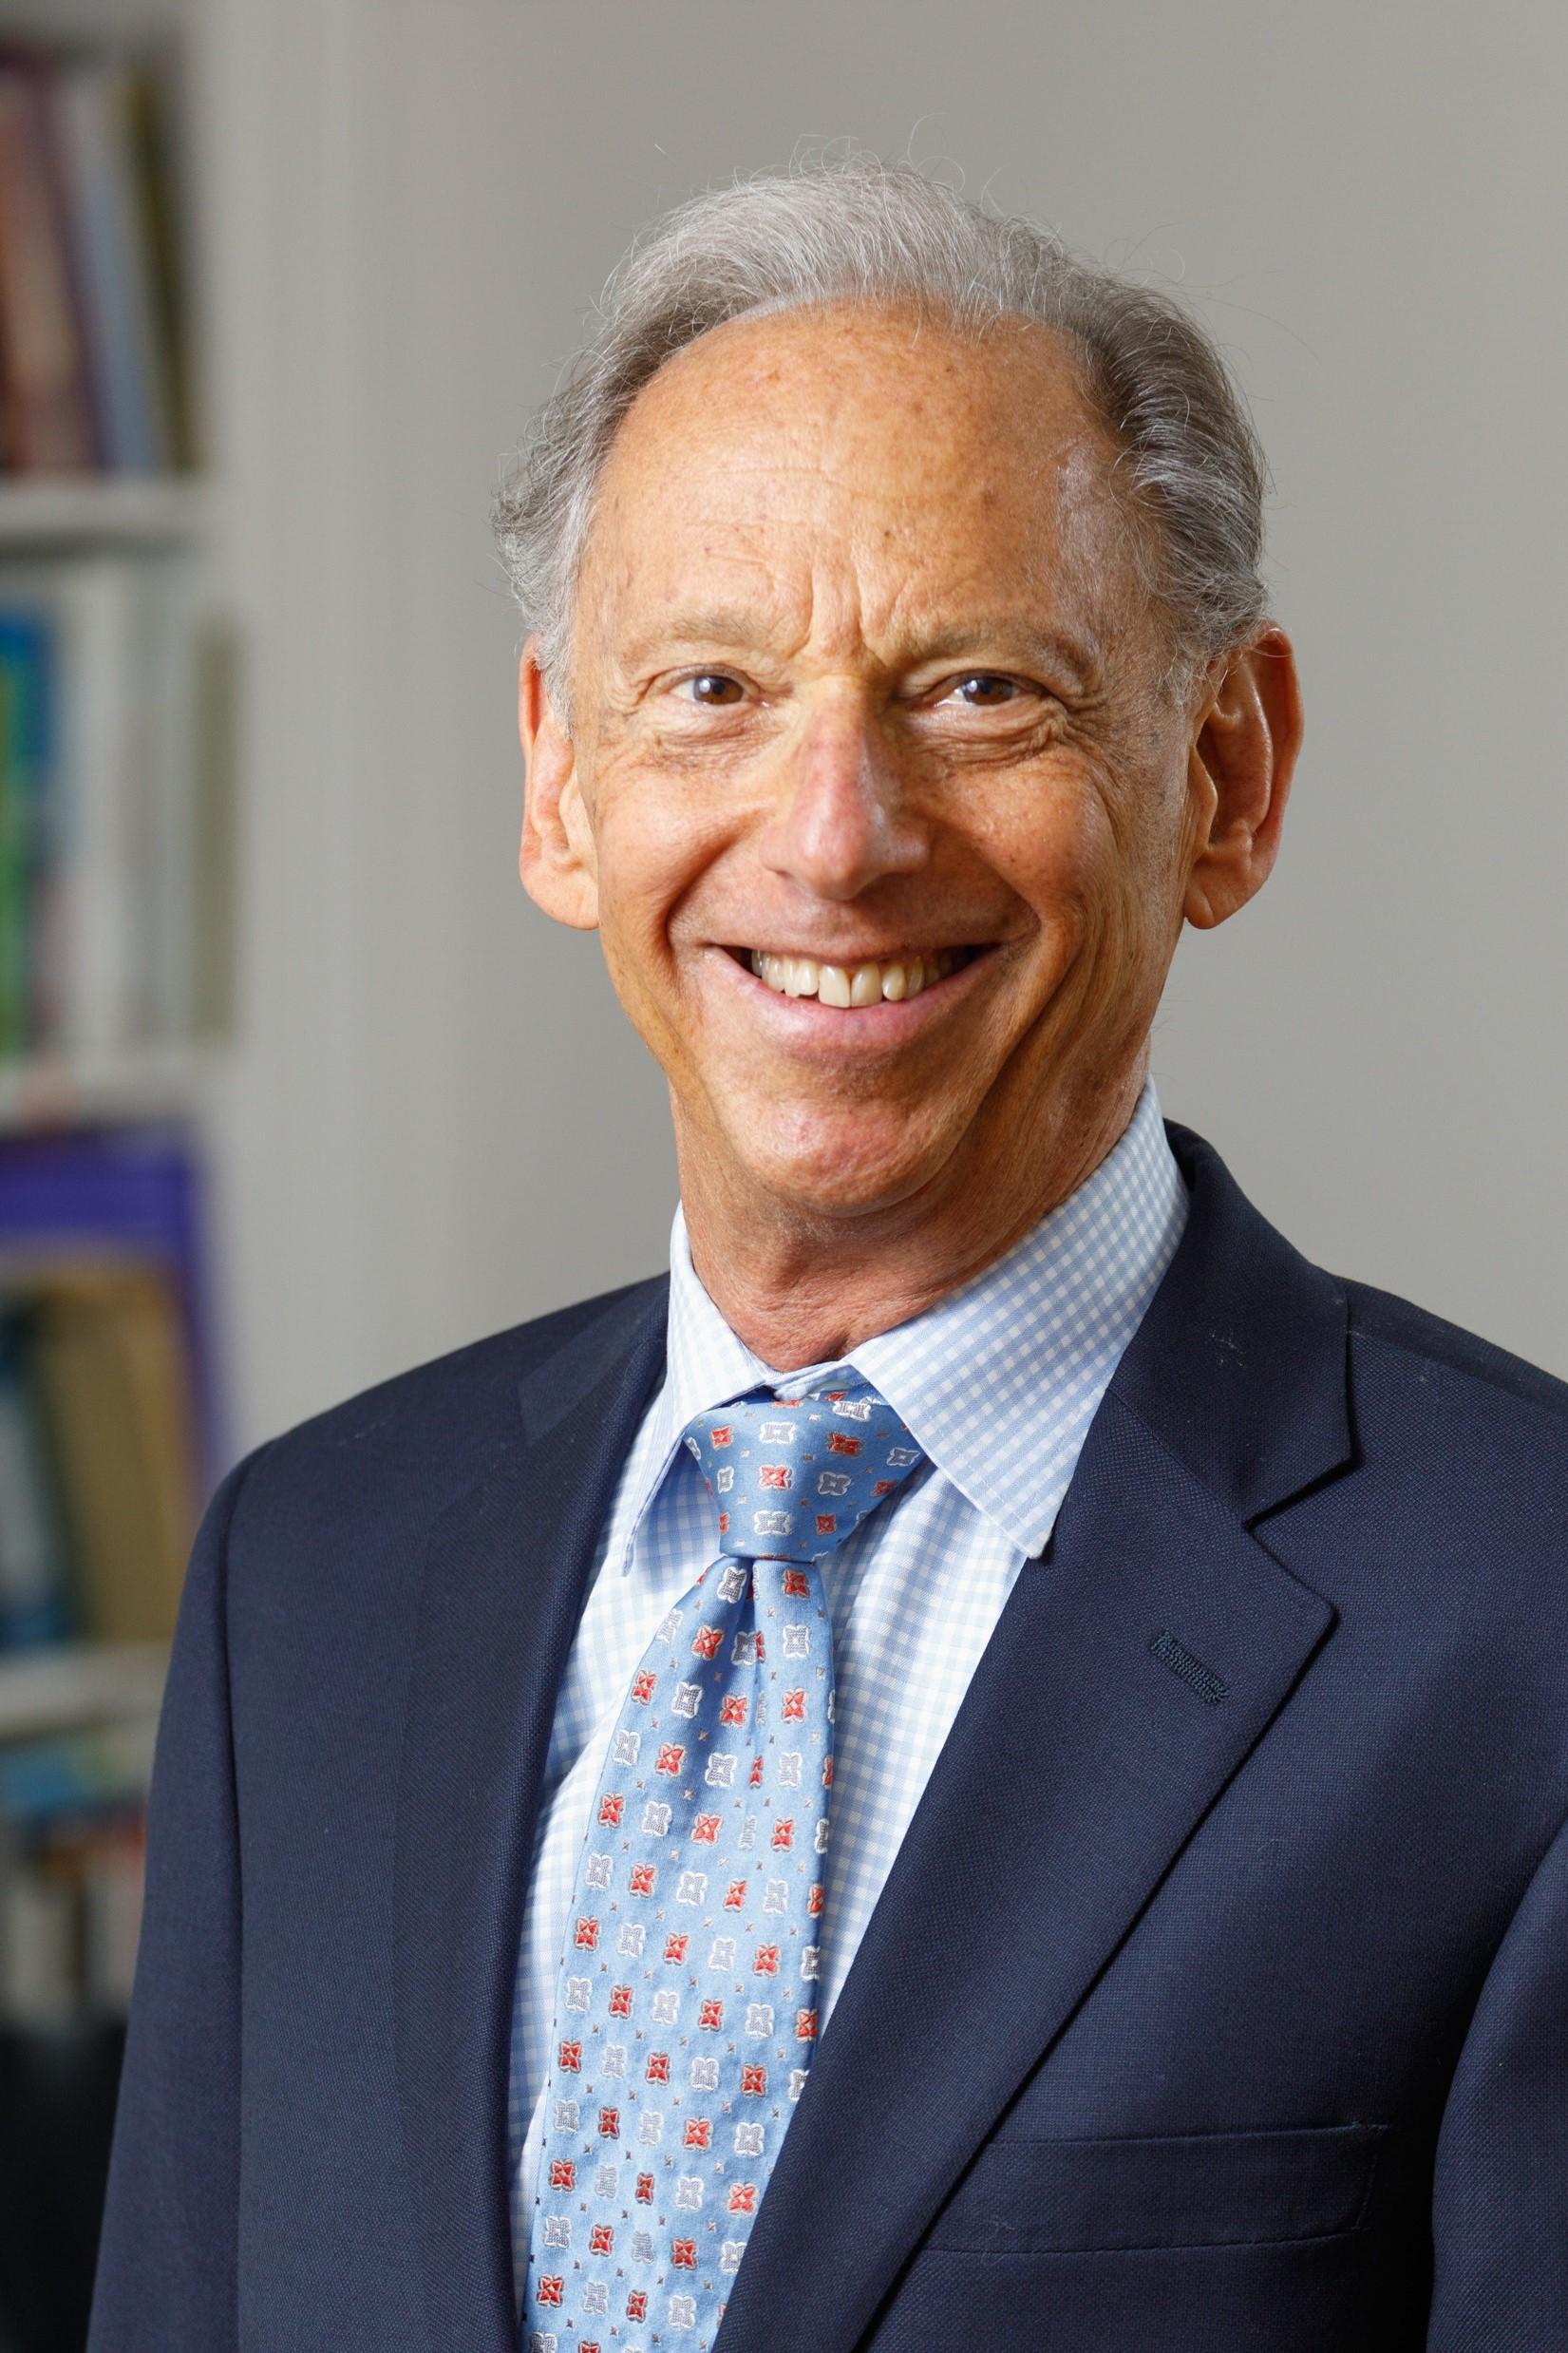 The Henry Koerner Center for Emeritus Faculty Alan Kazdin,Yale University